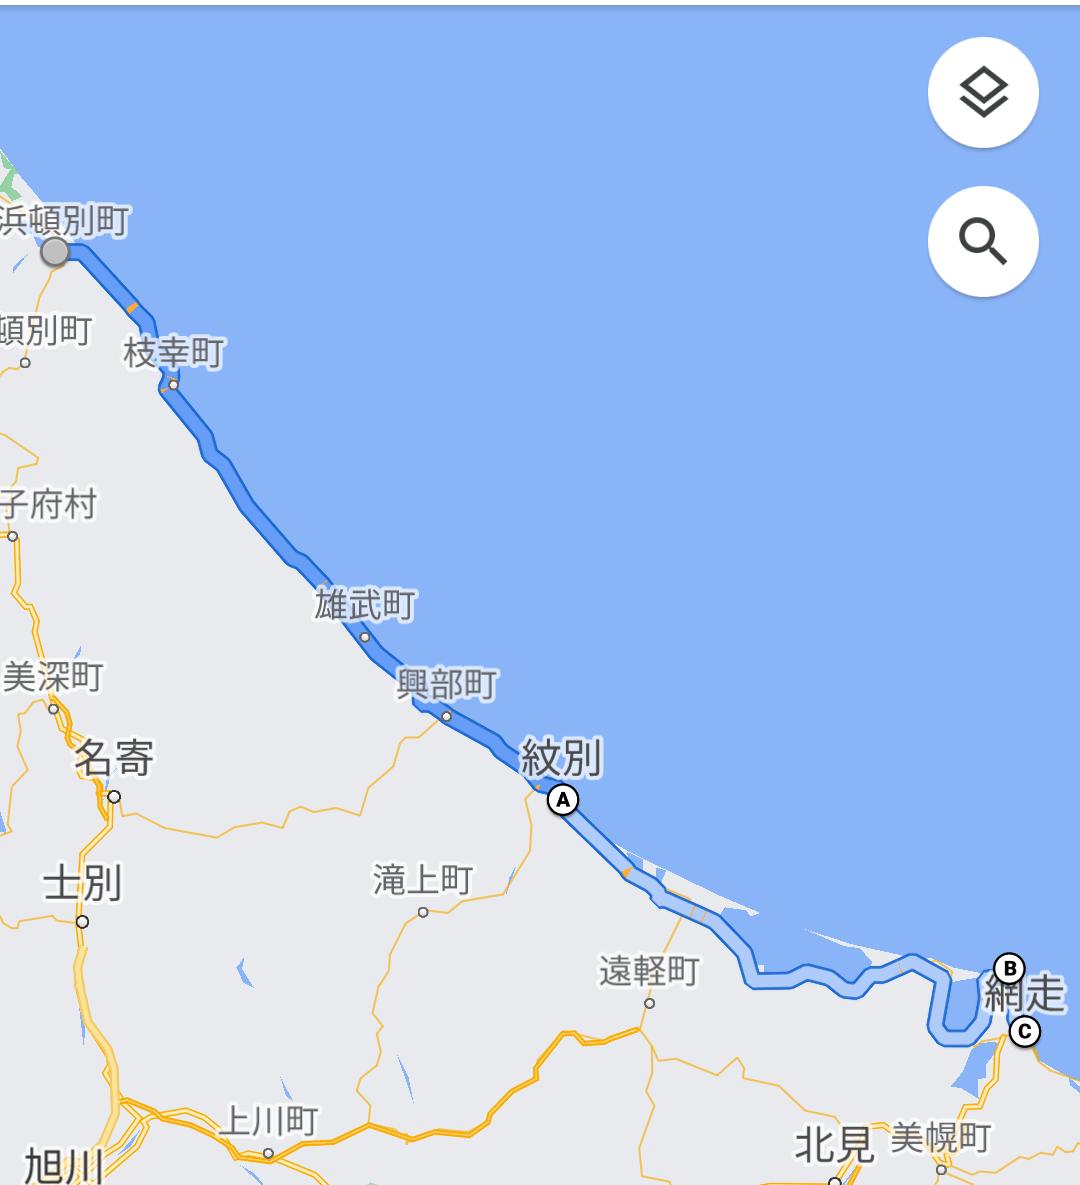 f:id:otoyan191:20210729092552p:plain